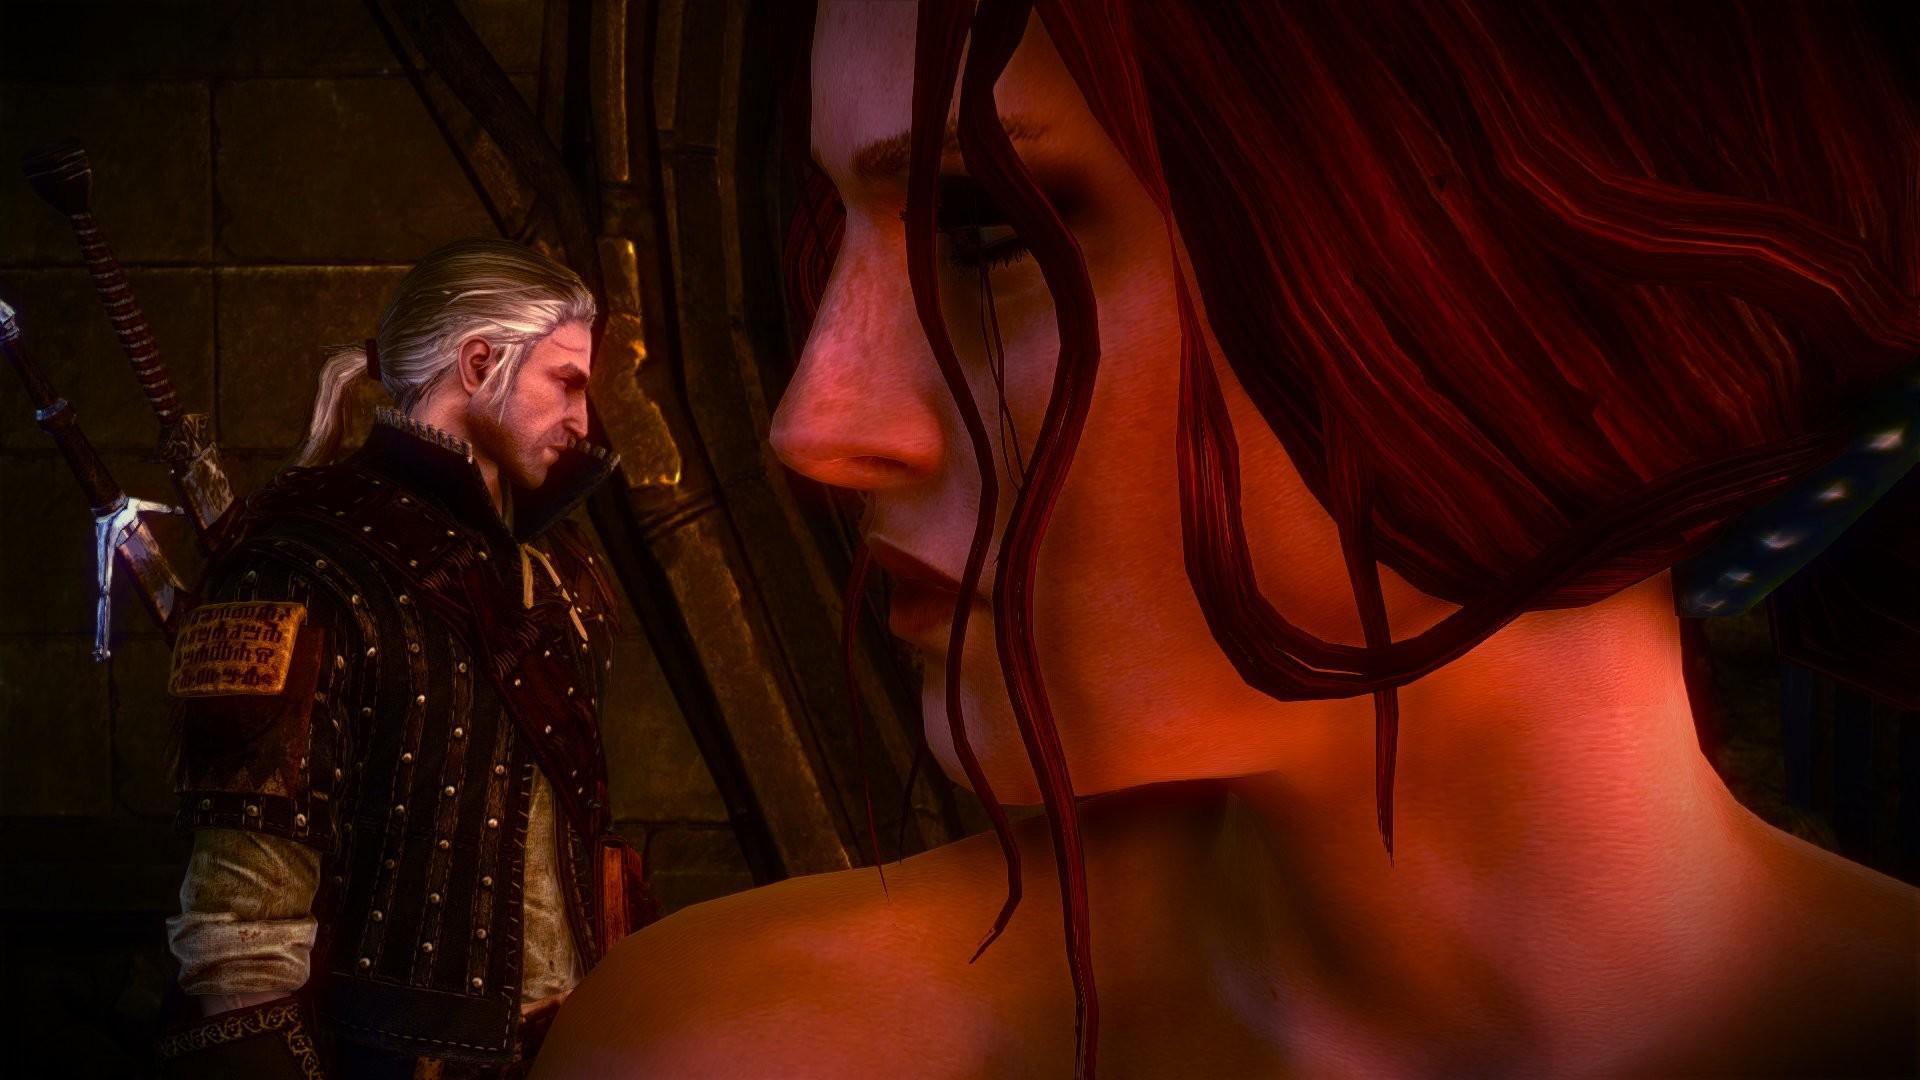 The Witcher 2 Assassins of Kings Geralt Triss Merigold wallpaper      779118   WallpaperUP